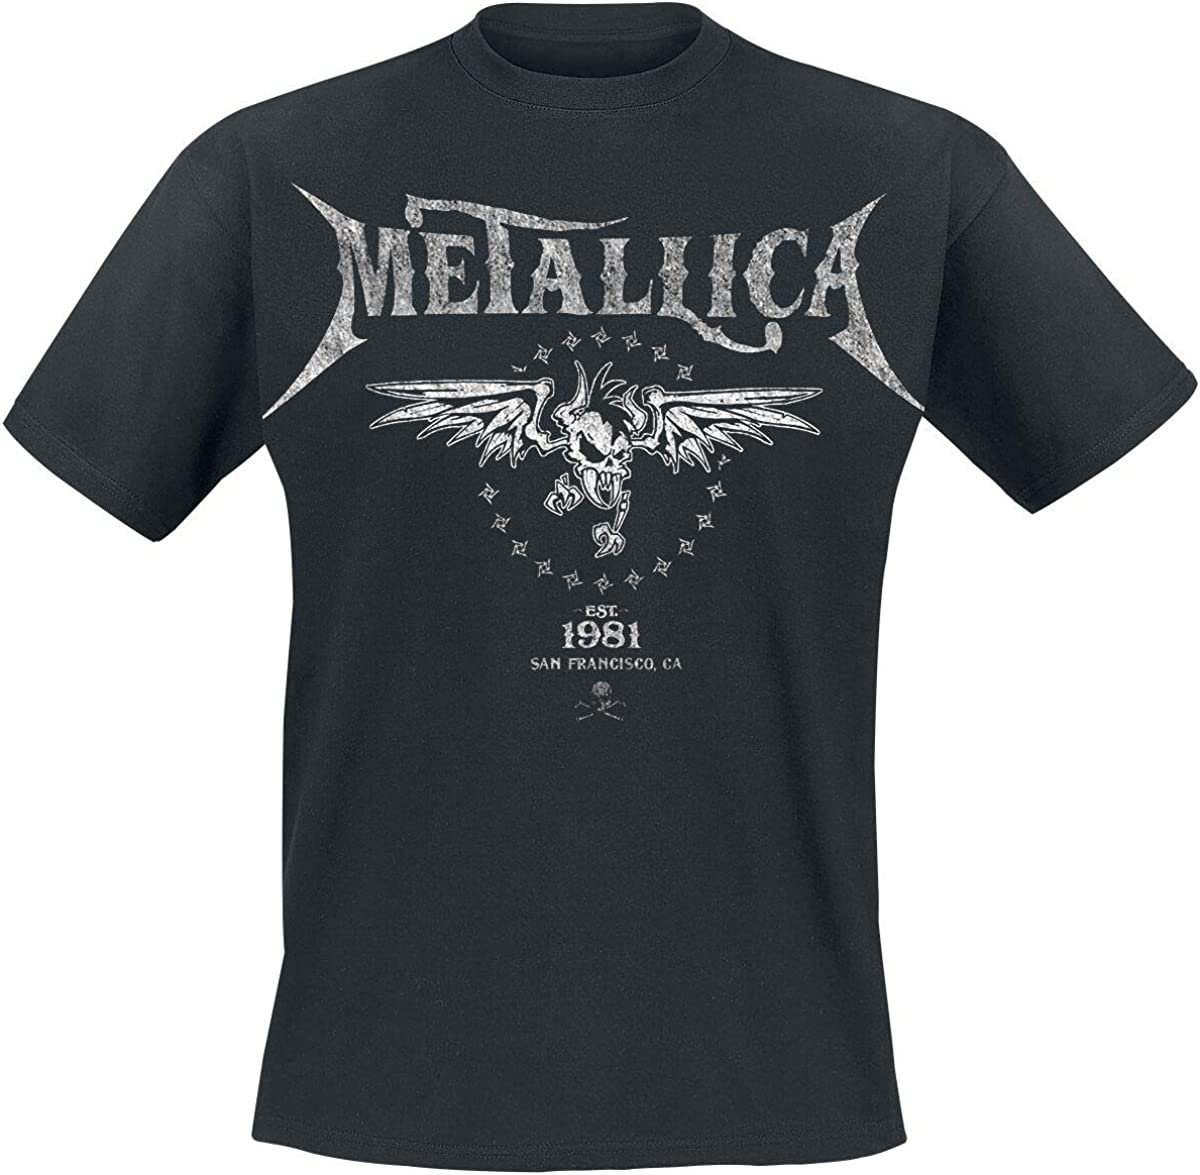 Metallica Biker Hombre Camiseta Negro, Regular: Amazon.es: Ropa y accesorios